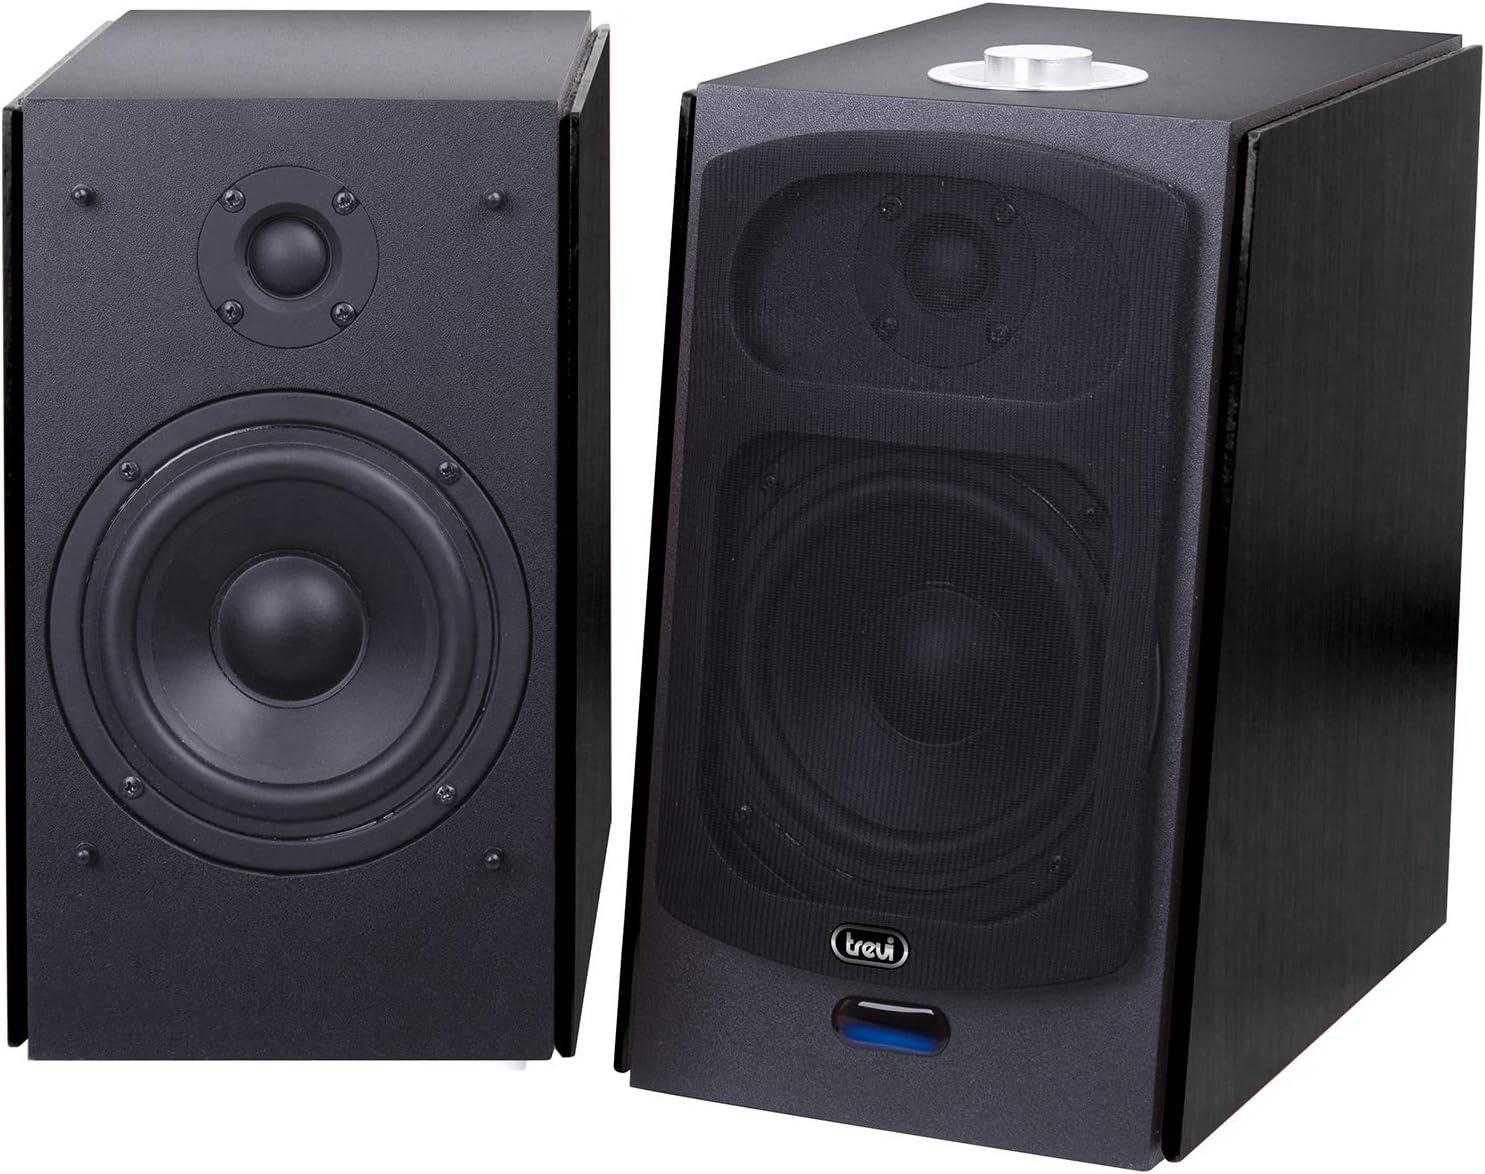 Trevi AVX 590 BT 120W Negro Altavoz - Altavoces (De 2 vías, Inalámbrico y alámbrico, 3.5mm/USB/Bluetooth, 120 W, 50-20000 Hz, Negro)